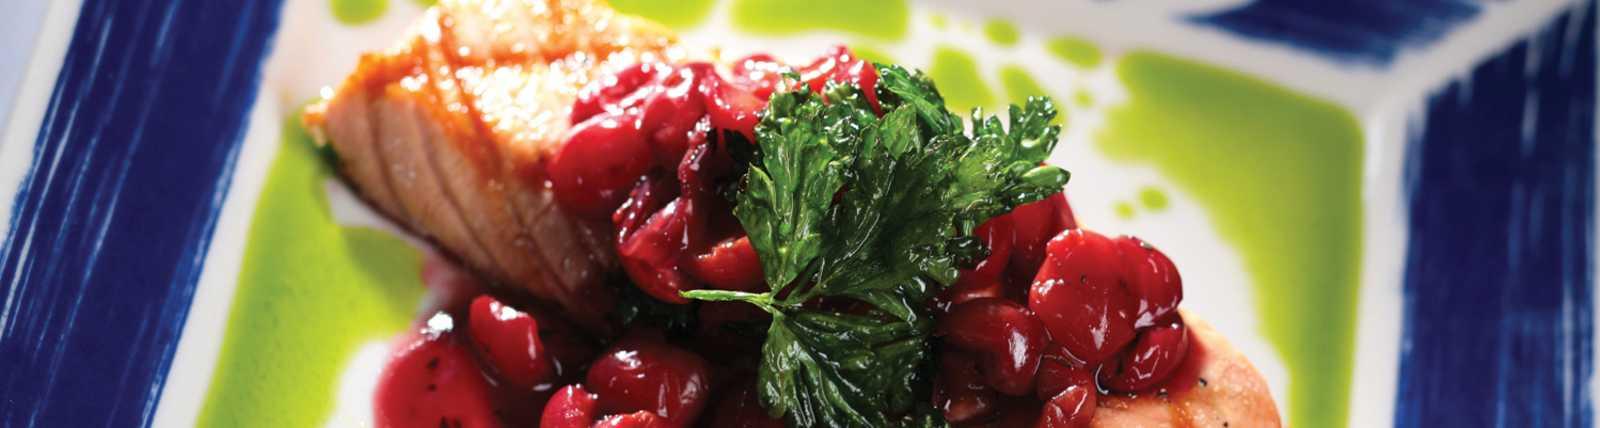 Salmon Cherry Compote by Ilya Moshenskiy (ilyaphoto.com)